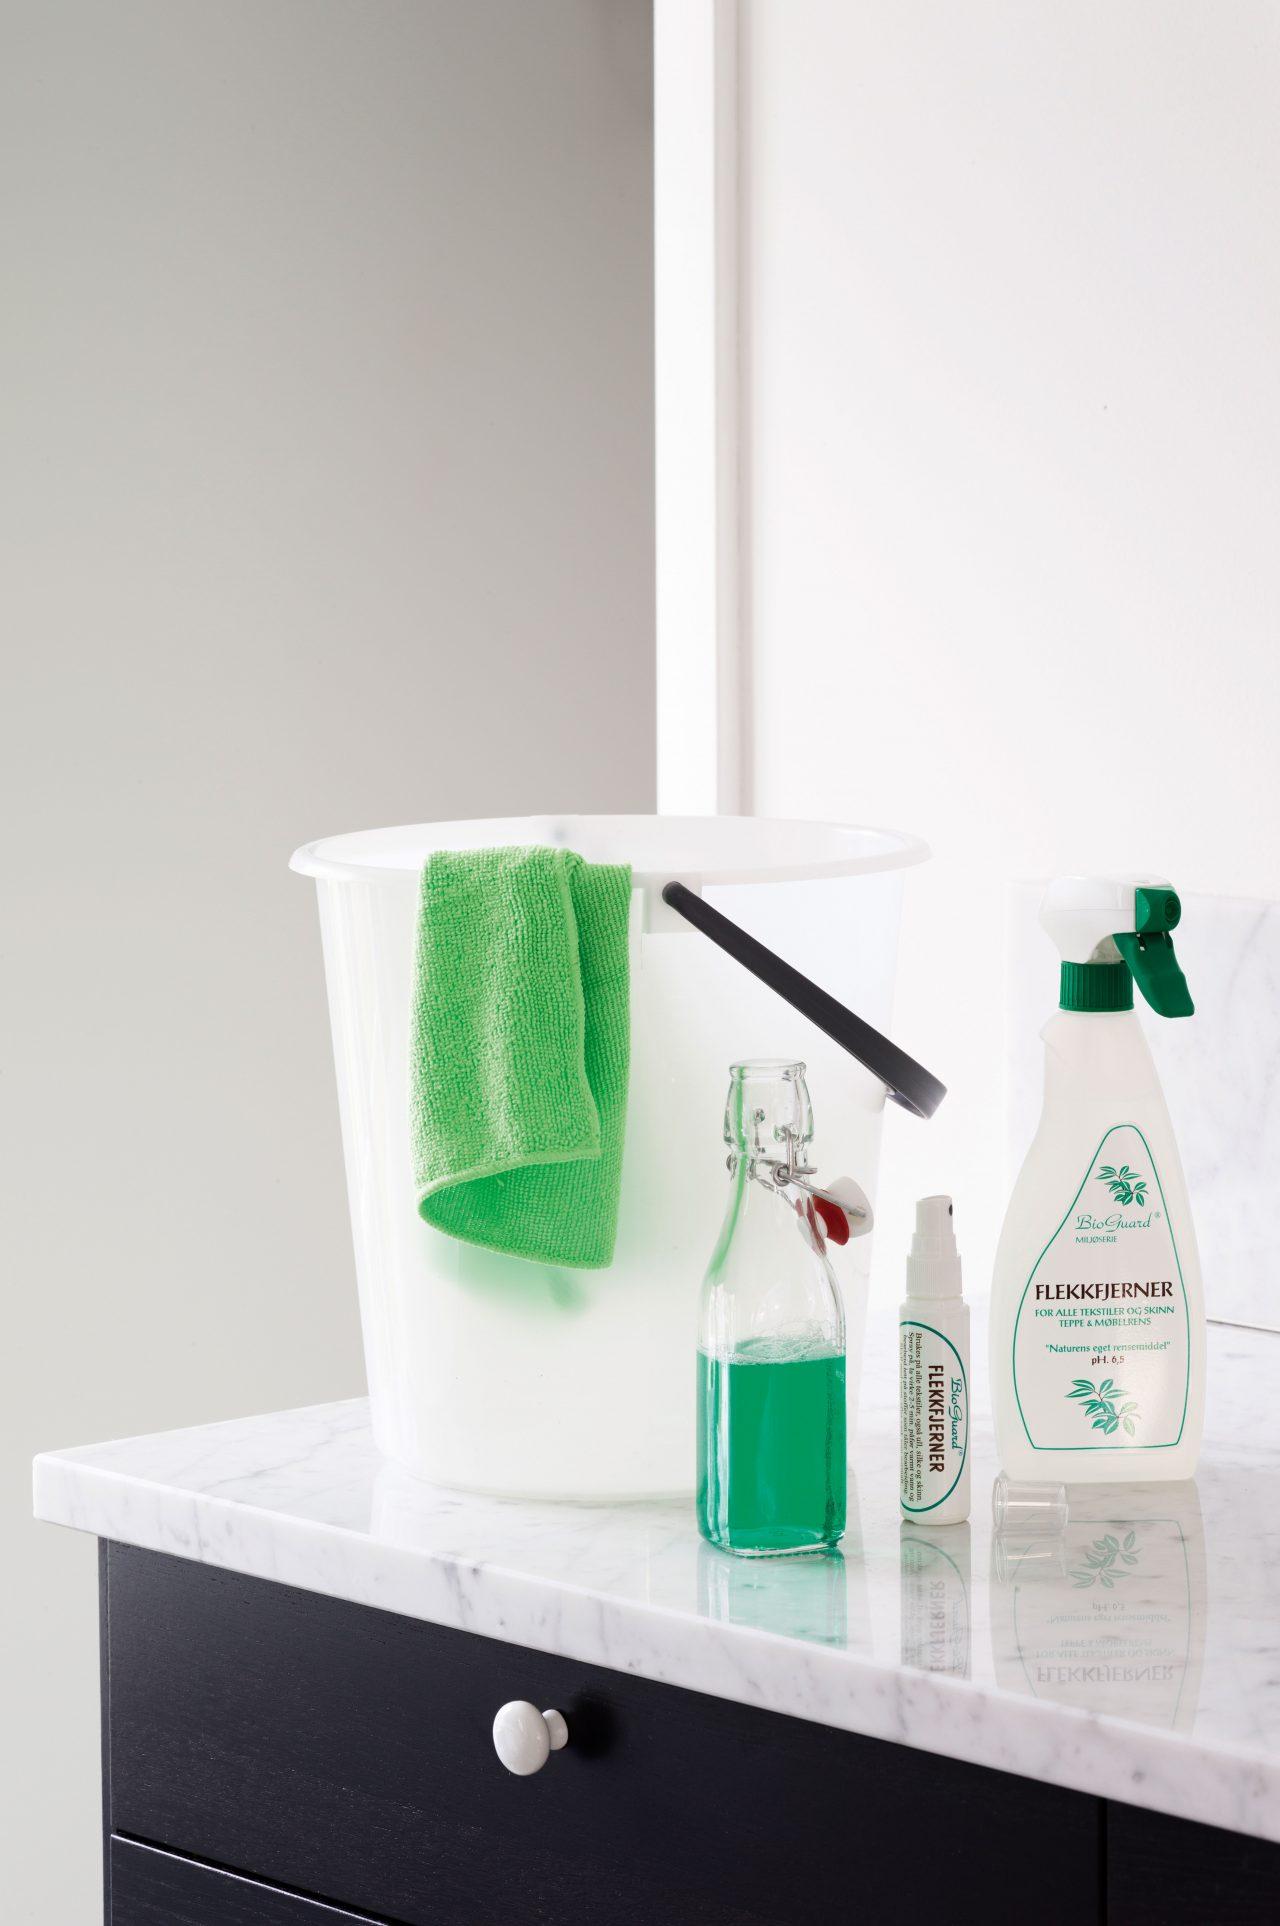 UTSTYR TIL RENGJØRING: Med en god klut og rengjøringsmidler til kjøkken, bad, og treflater på praktiske sprayflasker kan du raskt tørke over de fleste overflater i en fei.